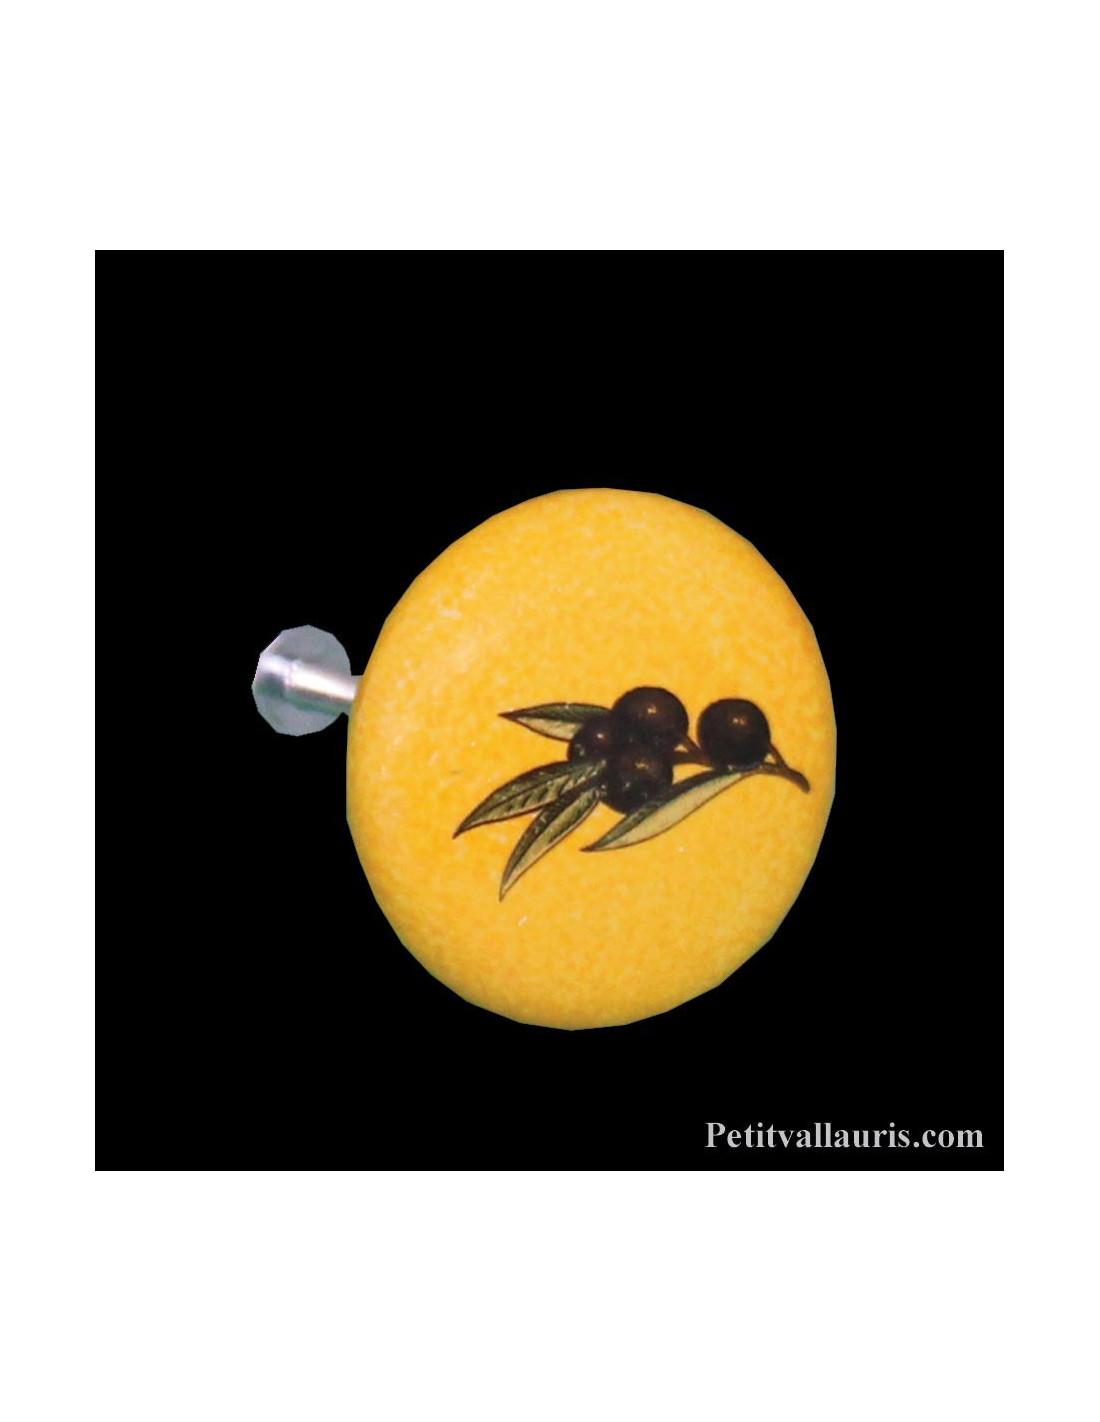 boutons de porte et de tiroir cuisine diam tre 42 en porcelaine jaune proven al aux d cor olives. Black Bedroom Furniture Sets. Home Design Ideas